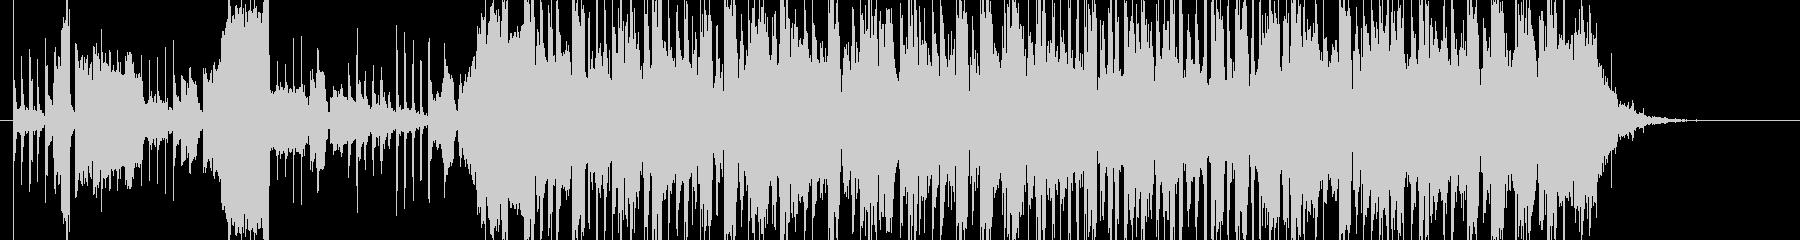 メカニックな雰囲気のサウンドロゴの未再生の波形